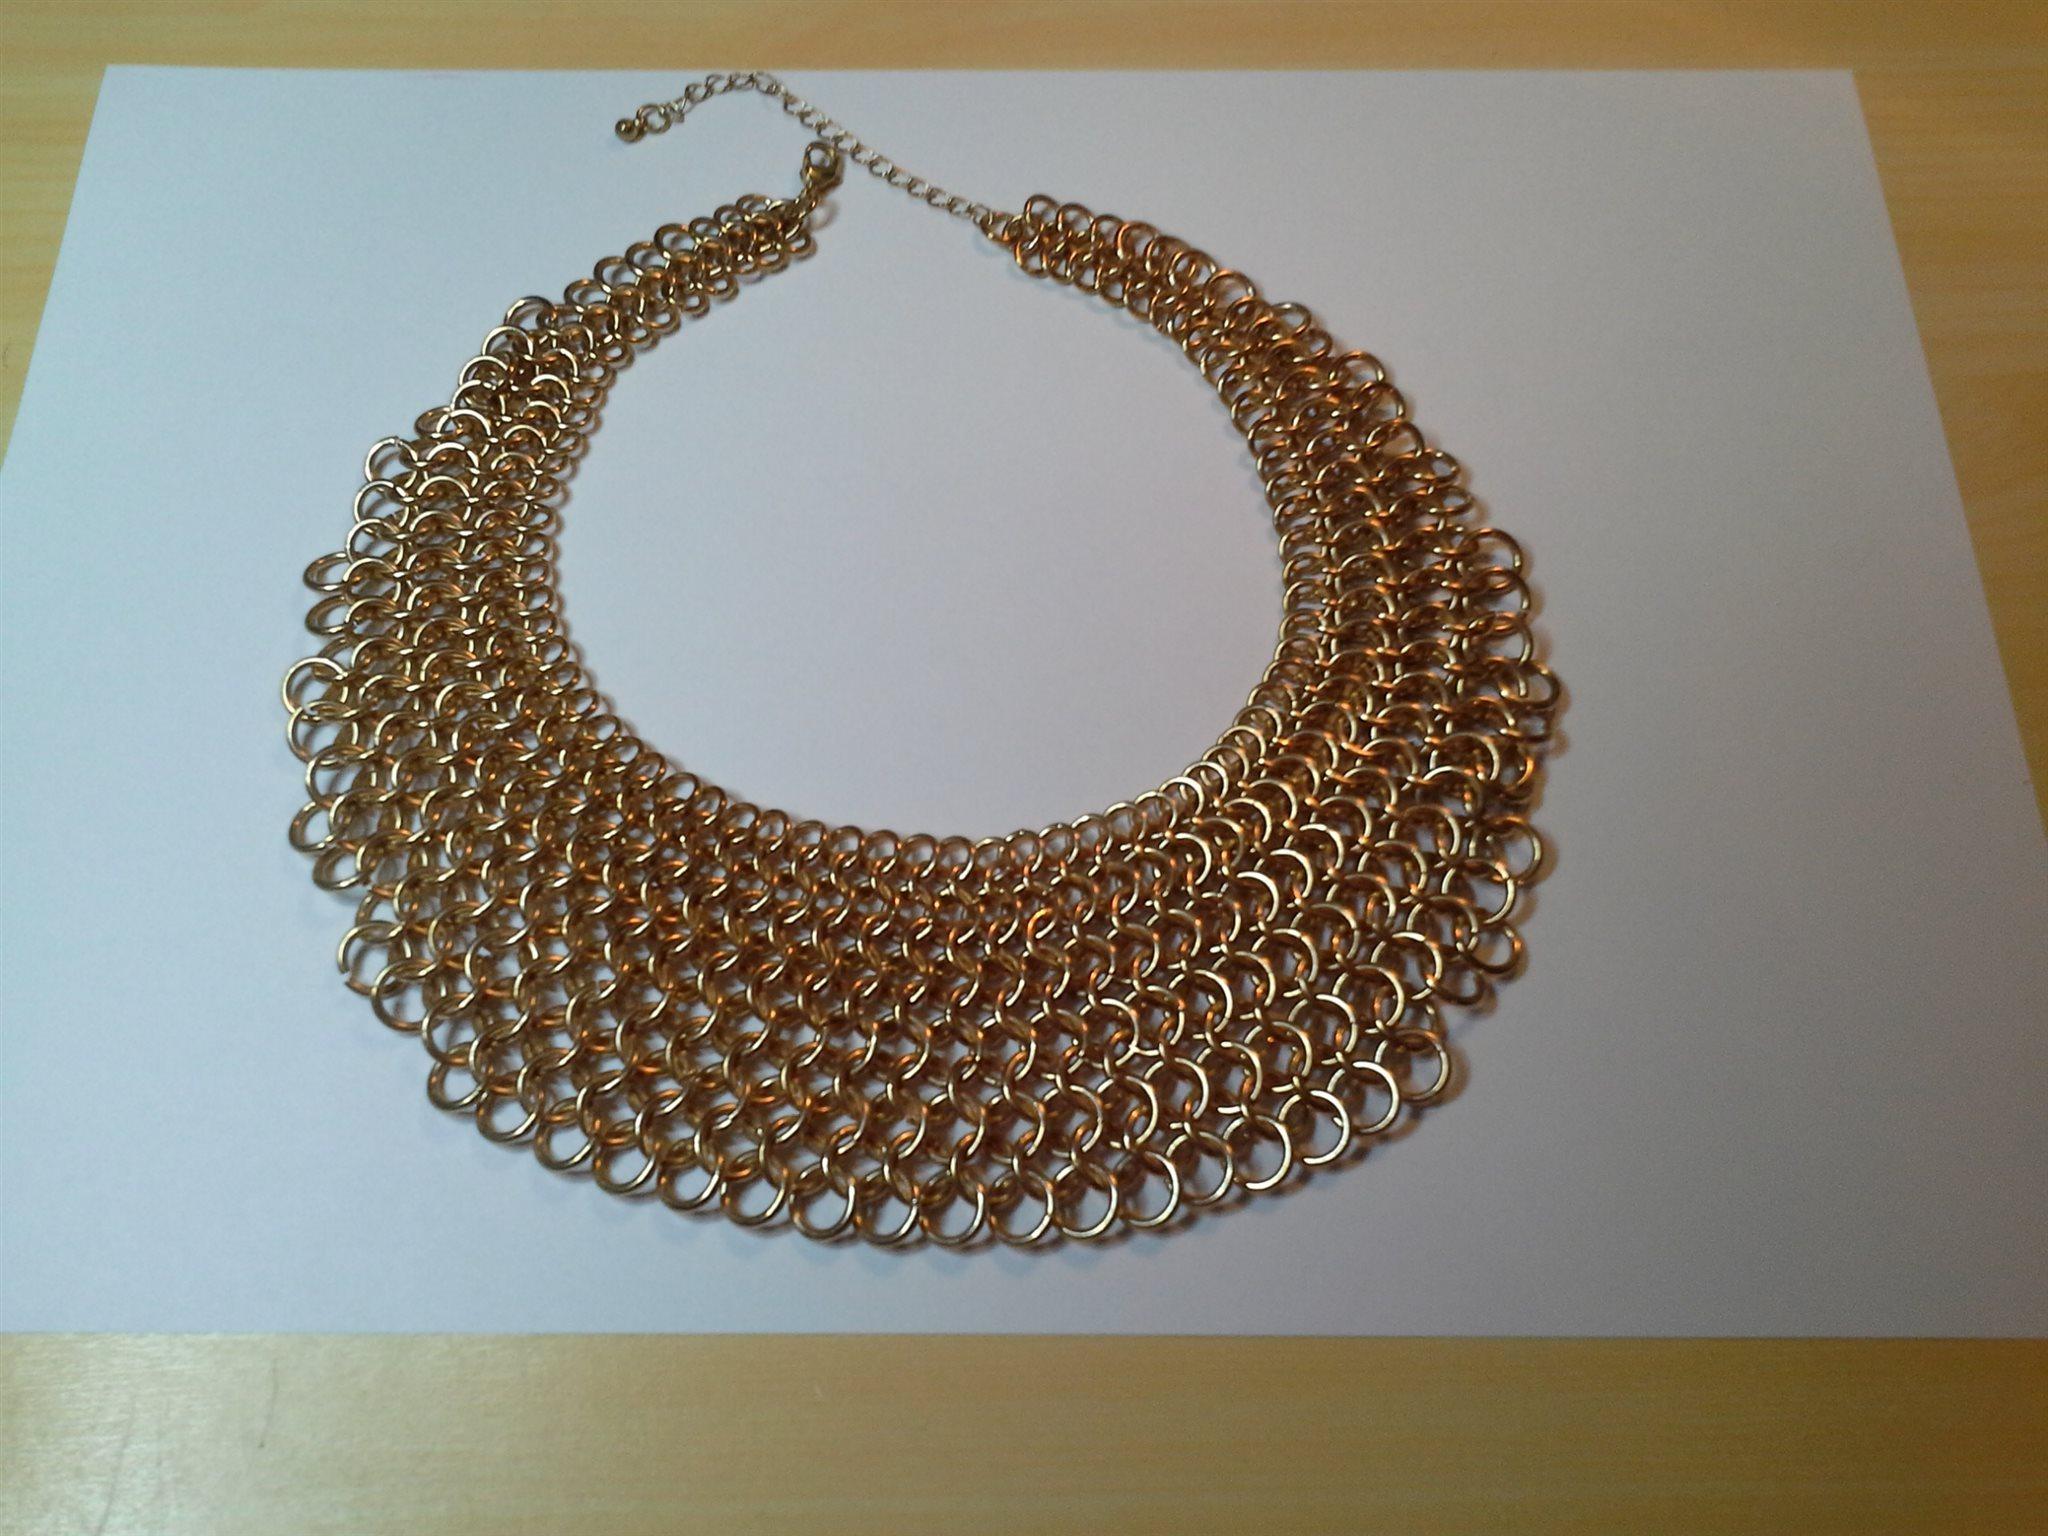 Magnifik halsband krage i guld färg ! (330363258) ᐈ Köp på Tradera f56fcc47c2d6b